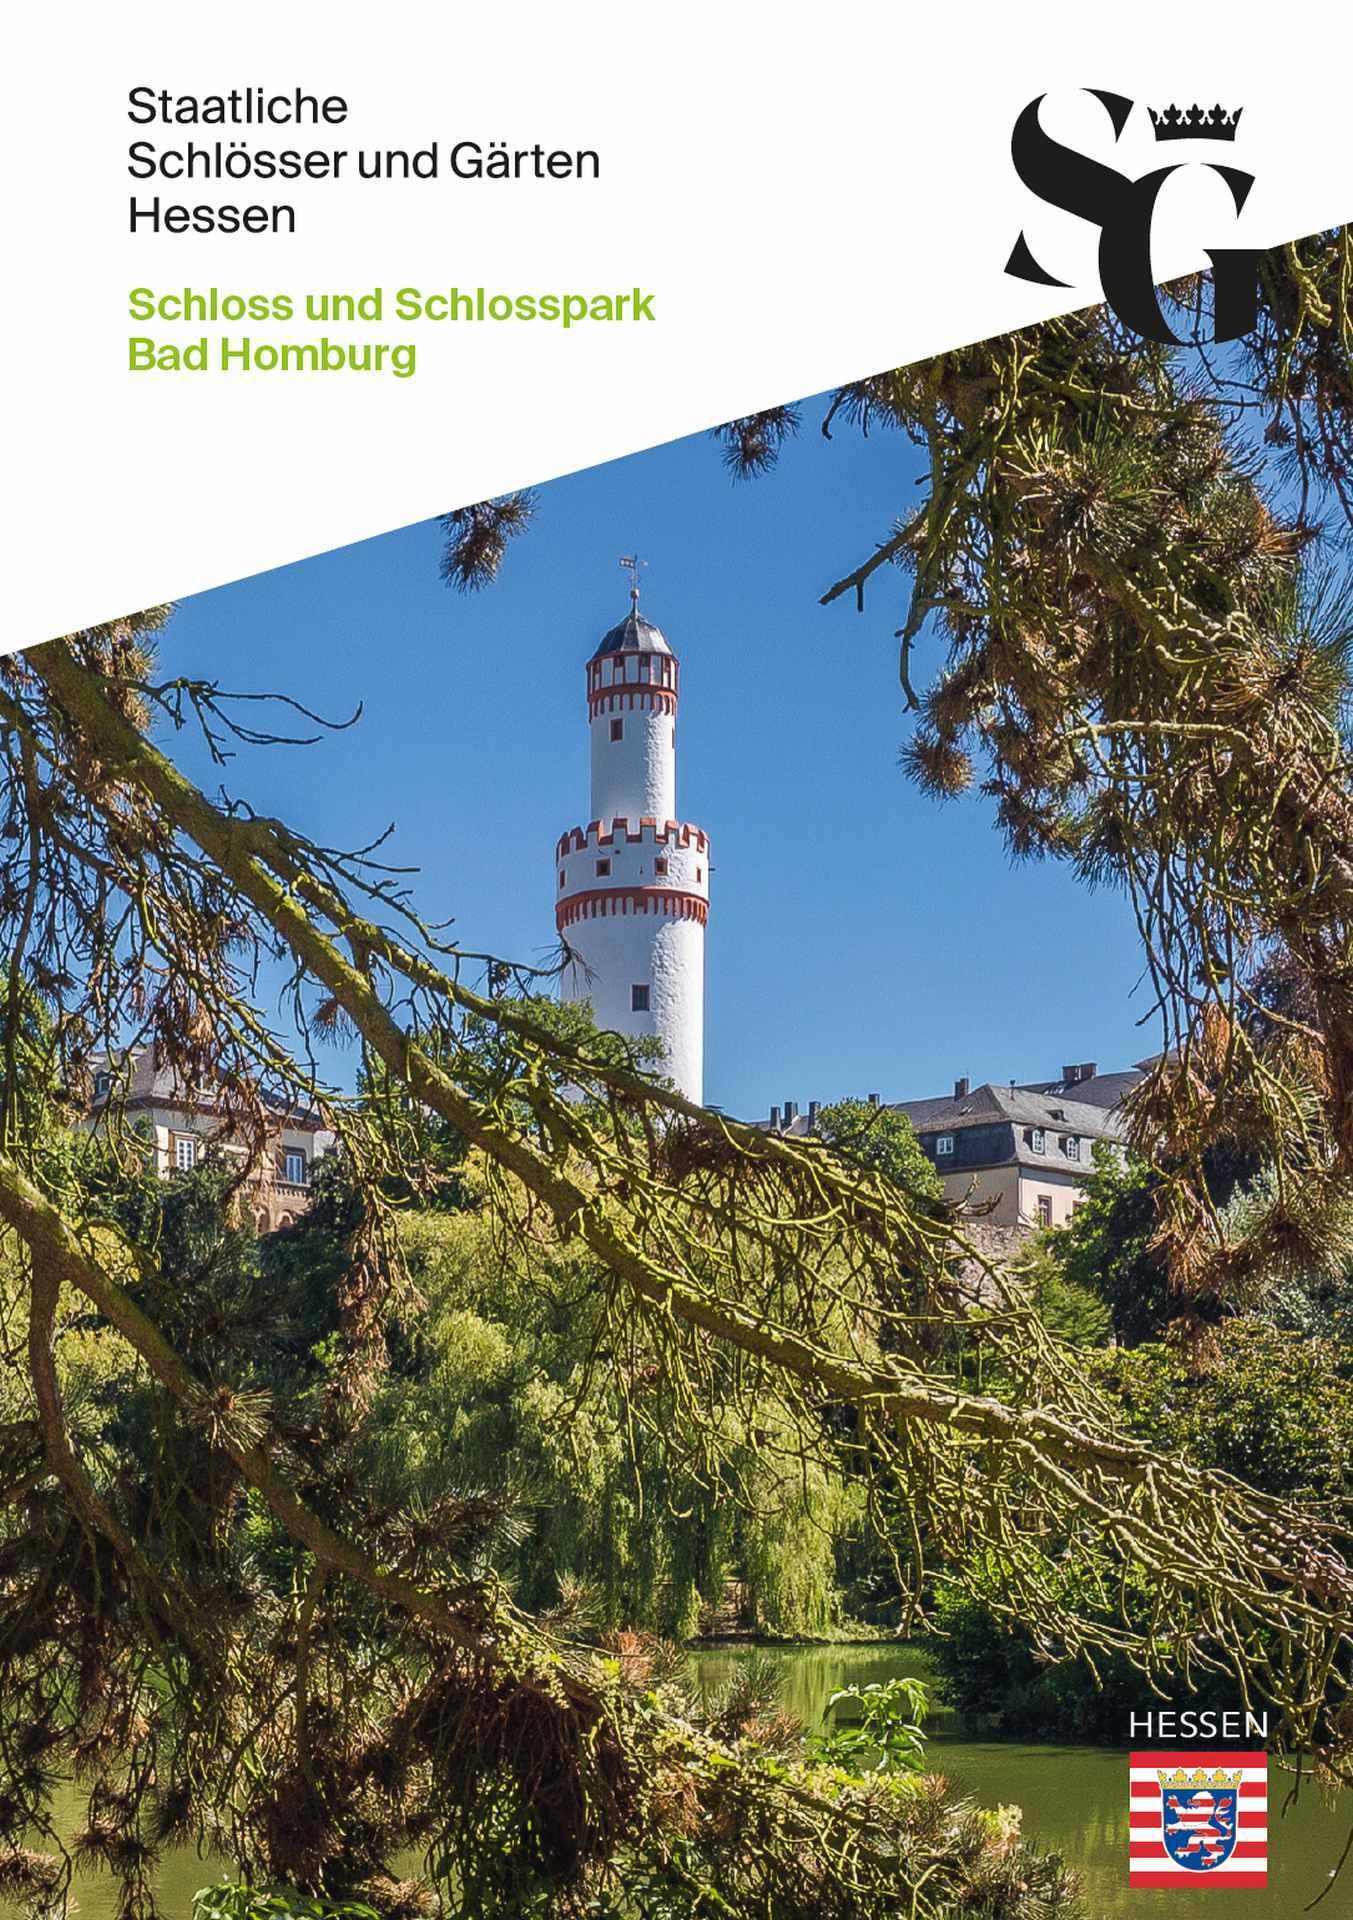 Kulturschätze kompakt: Schloss und Schlosspark Bad Homburg